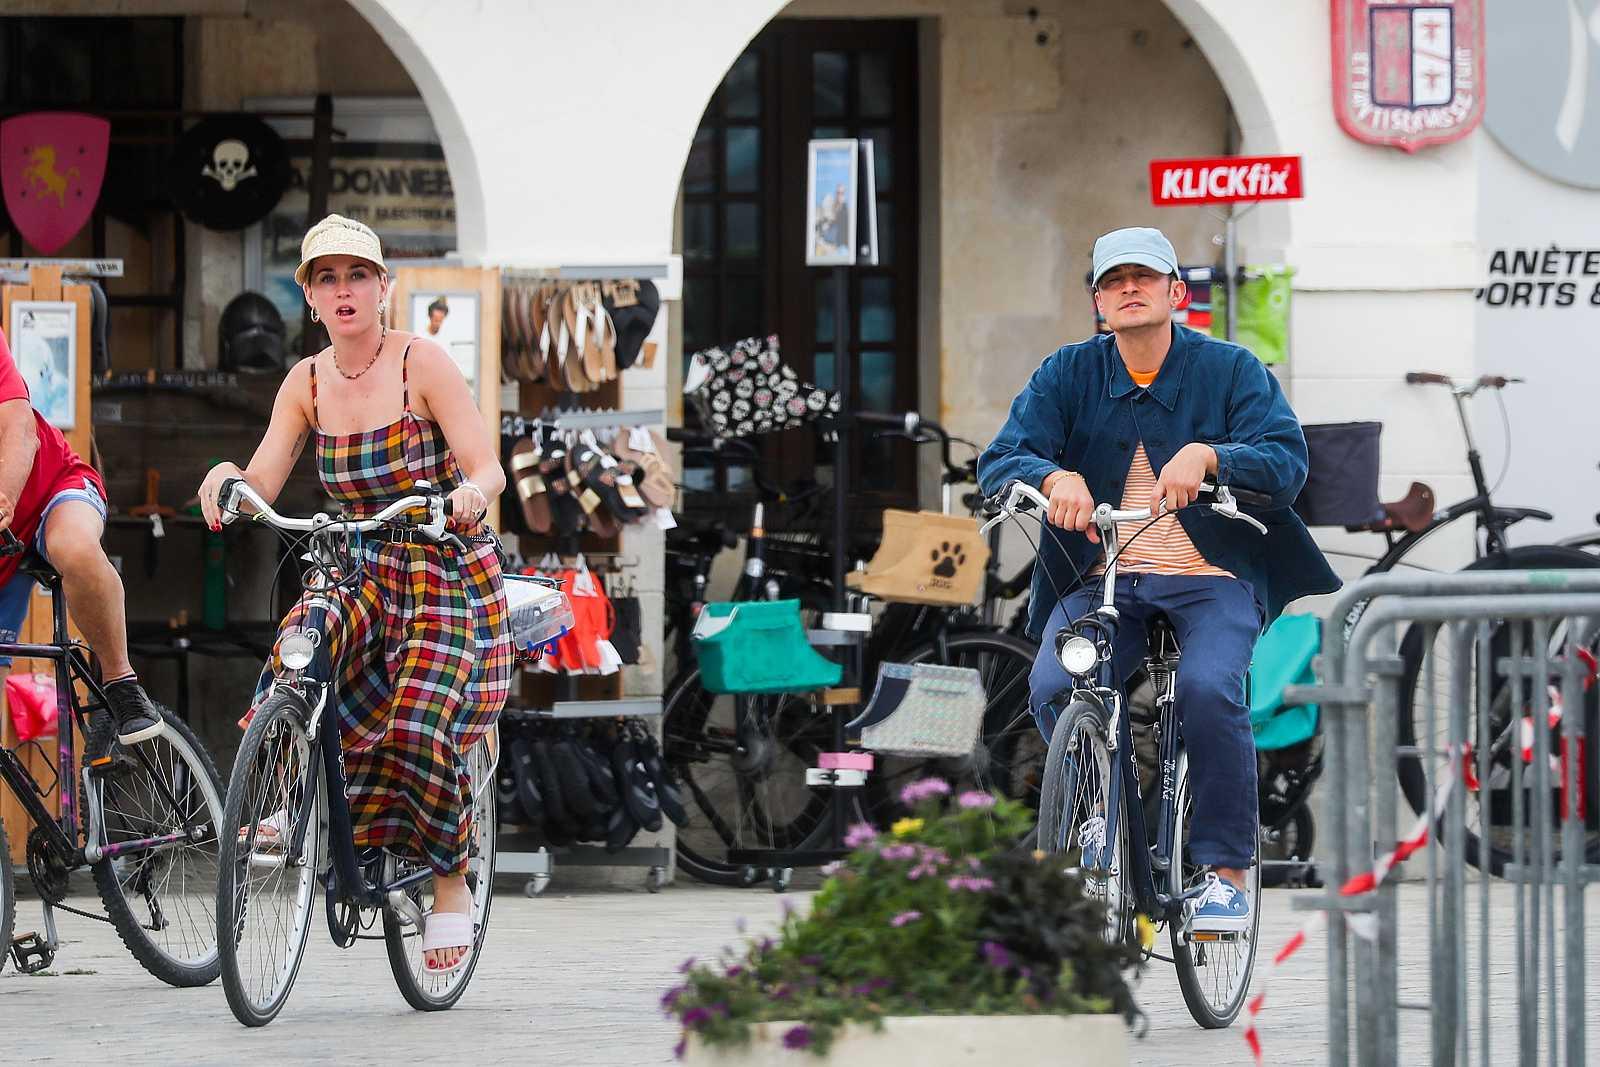 El actor Orlando Bloom junto a la cantante Katy Perry, en bicicleta